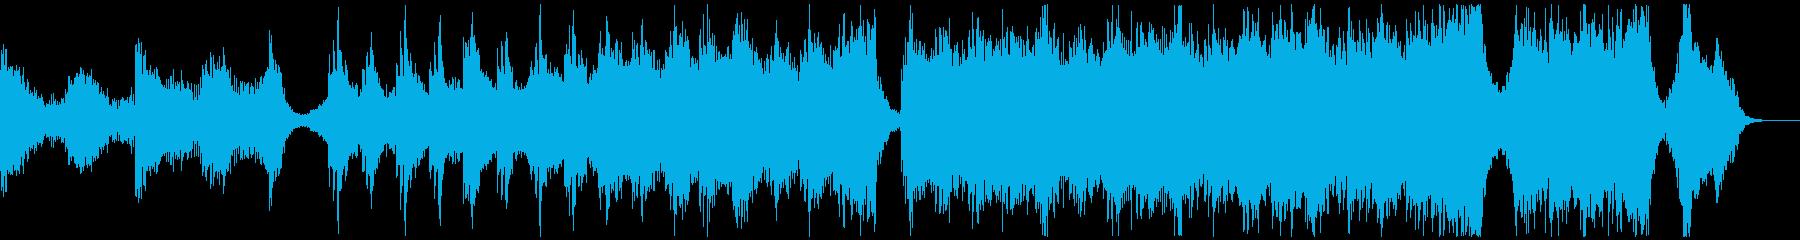 【予告編】トレーラー・ハリウッド・ダークの再生済みの波形